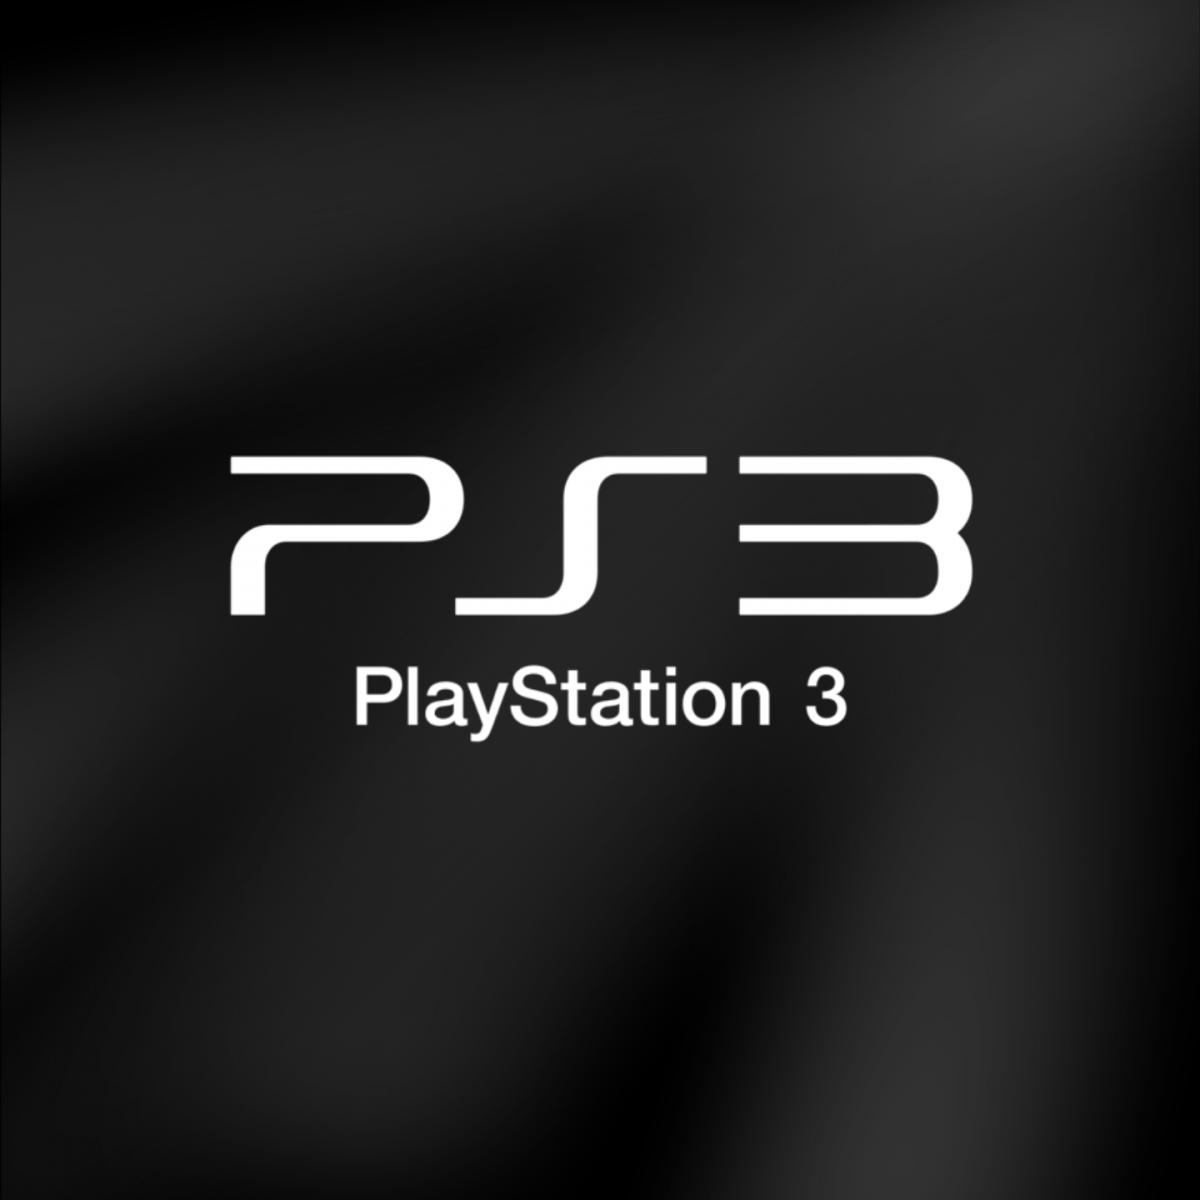 PlayStation-3.png